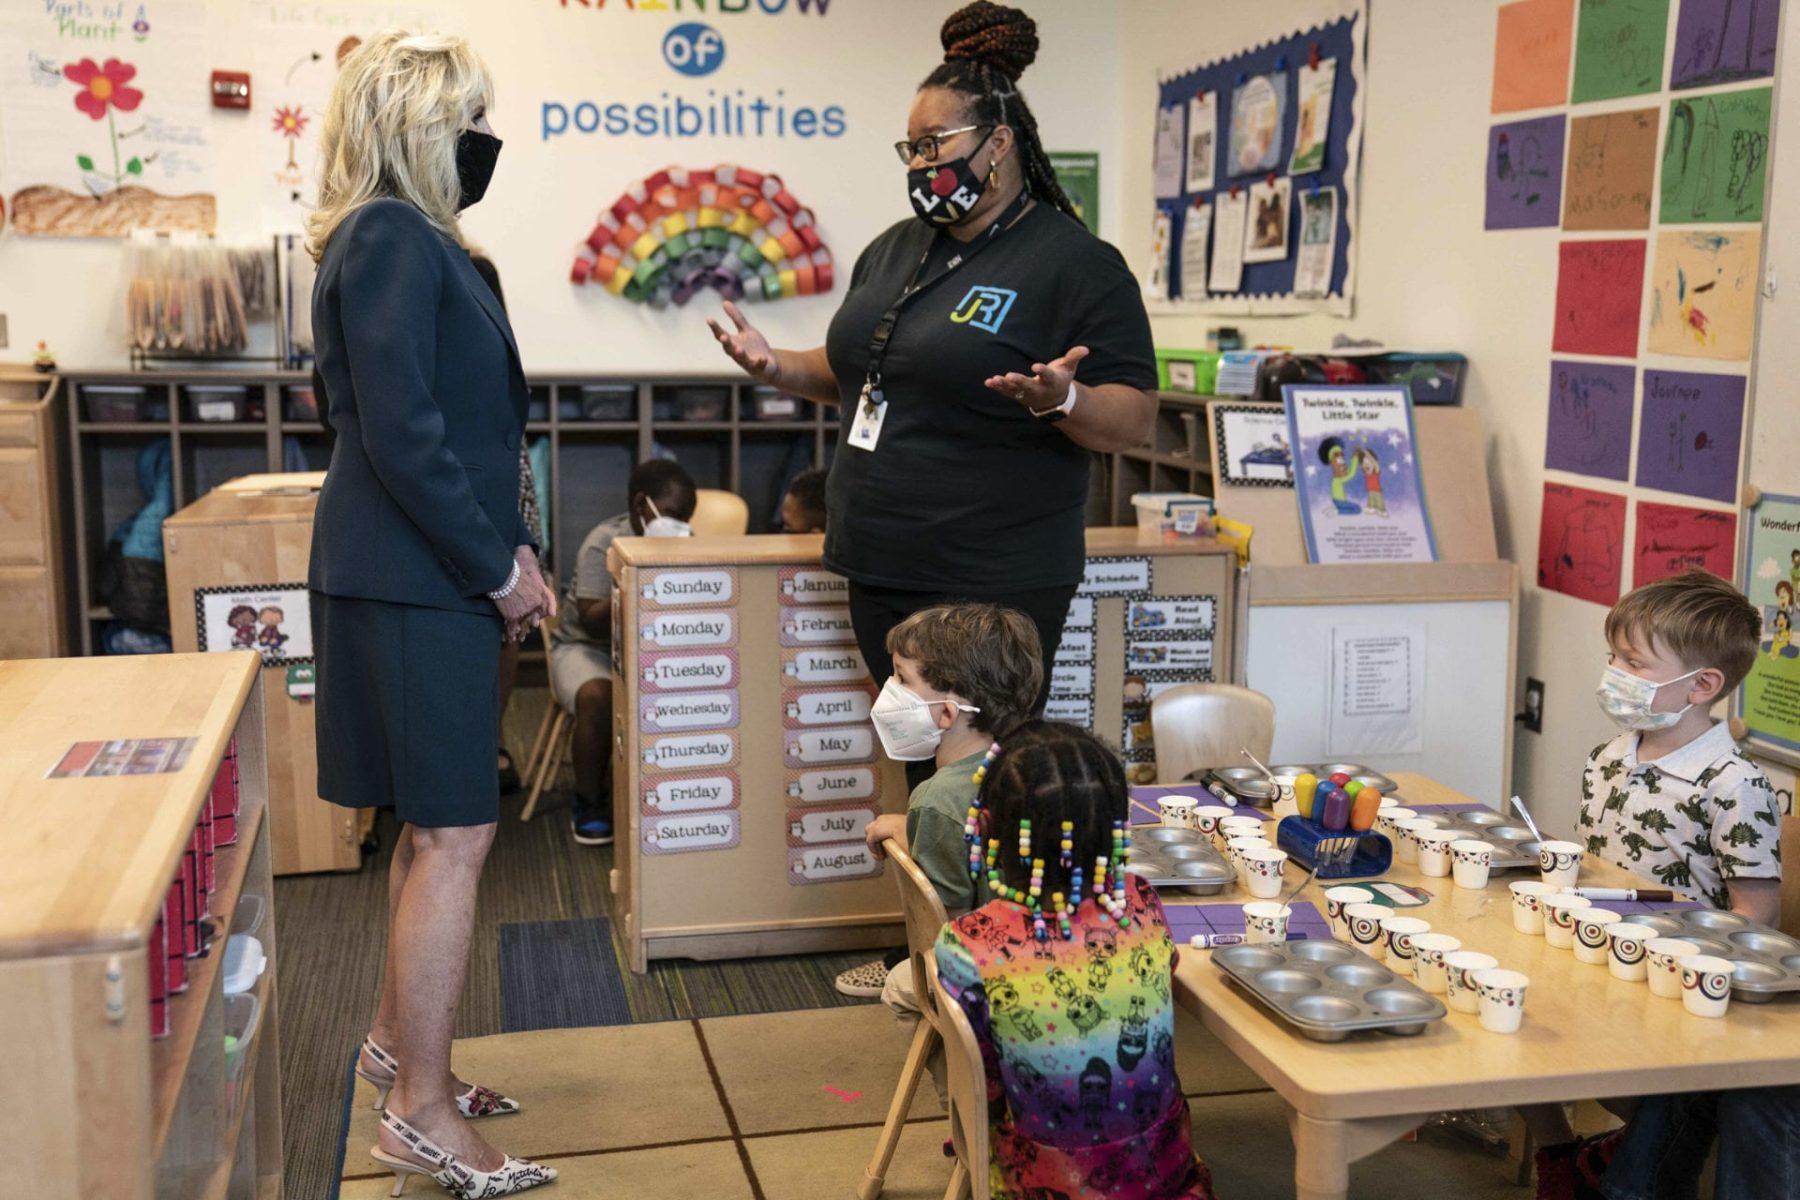 Jill Biden takes a classroom tour